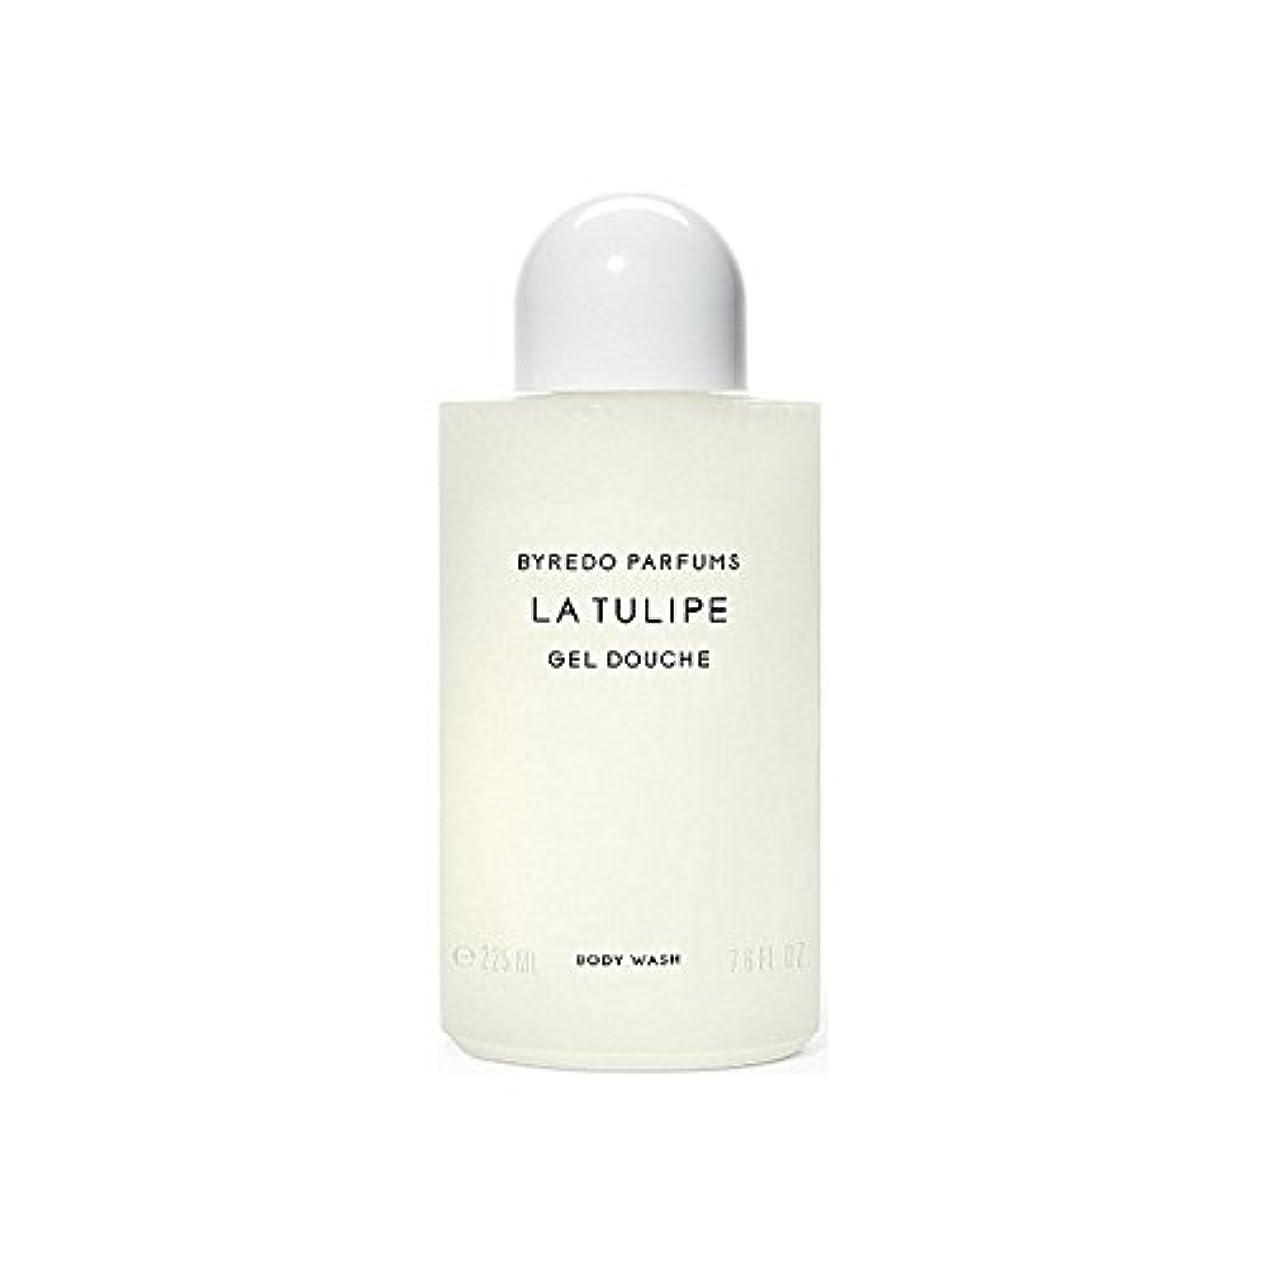 ヒープ調整する迷惑Byredo La Tulipe Body Wash 225ml - ラチューリップボディウォッシュ225ミリリットル [並行輸入品]